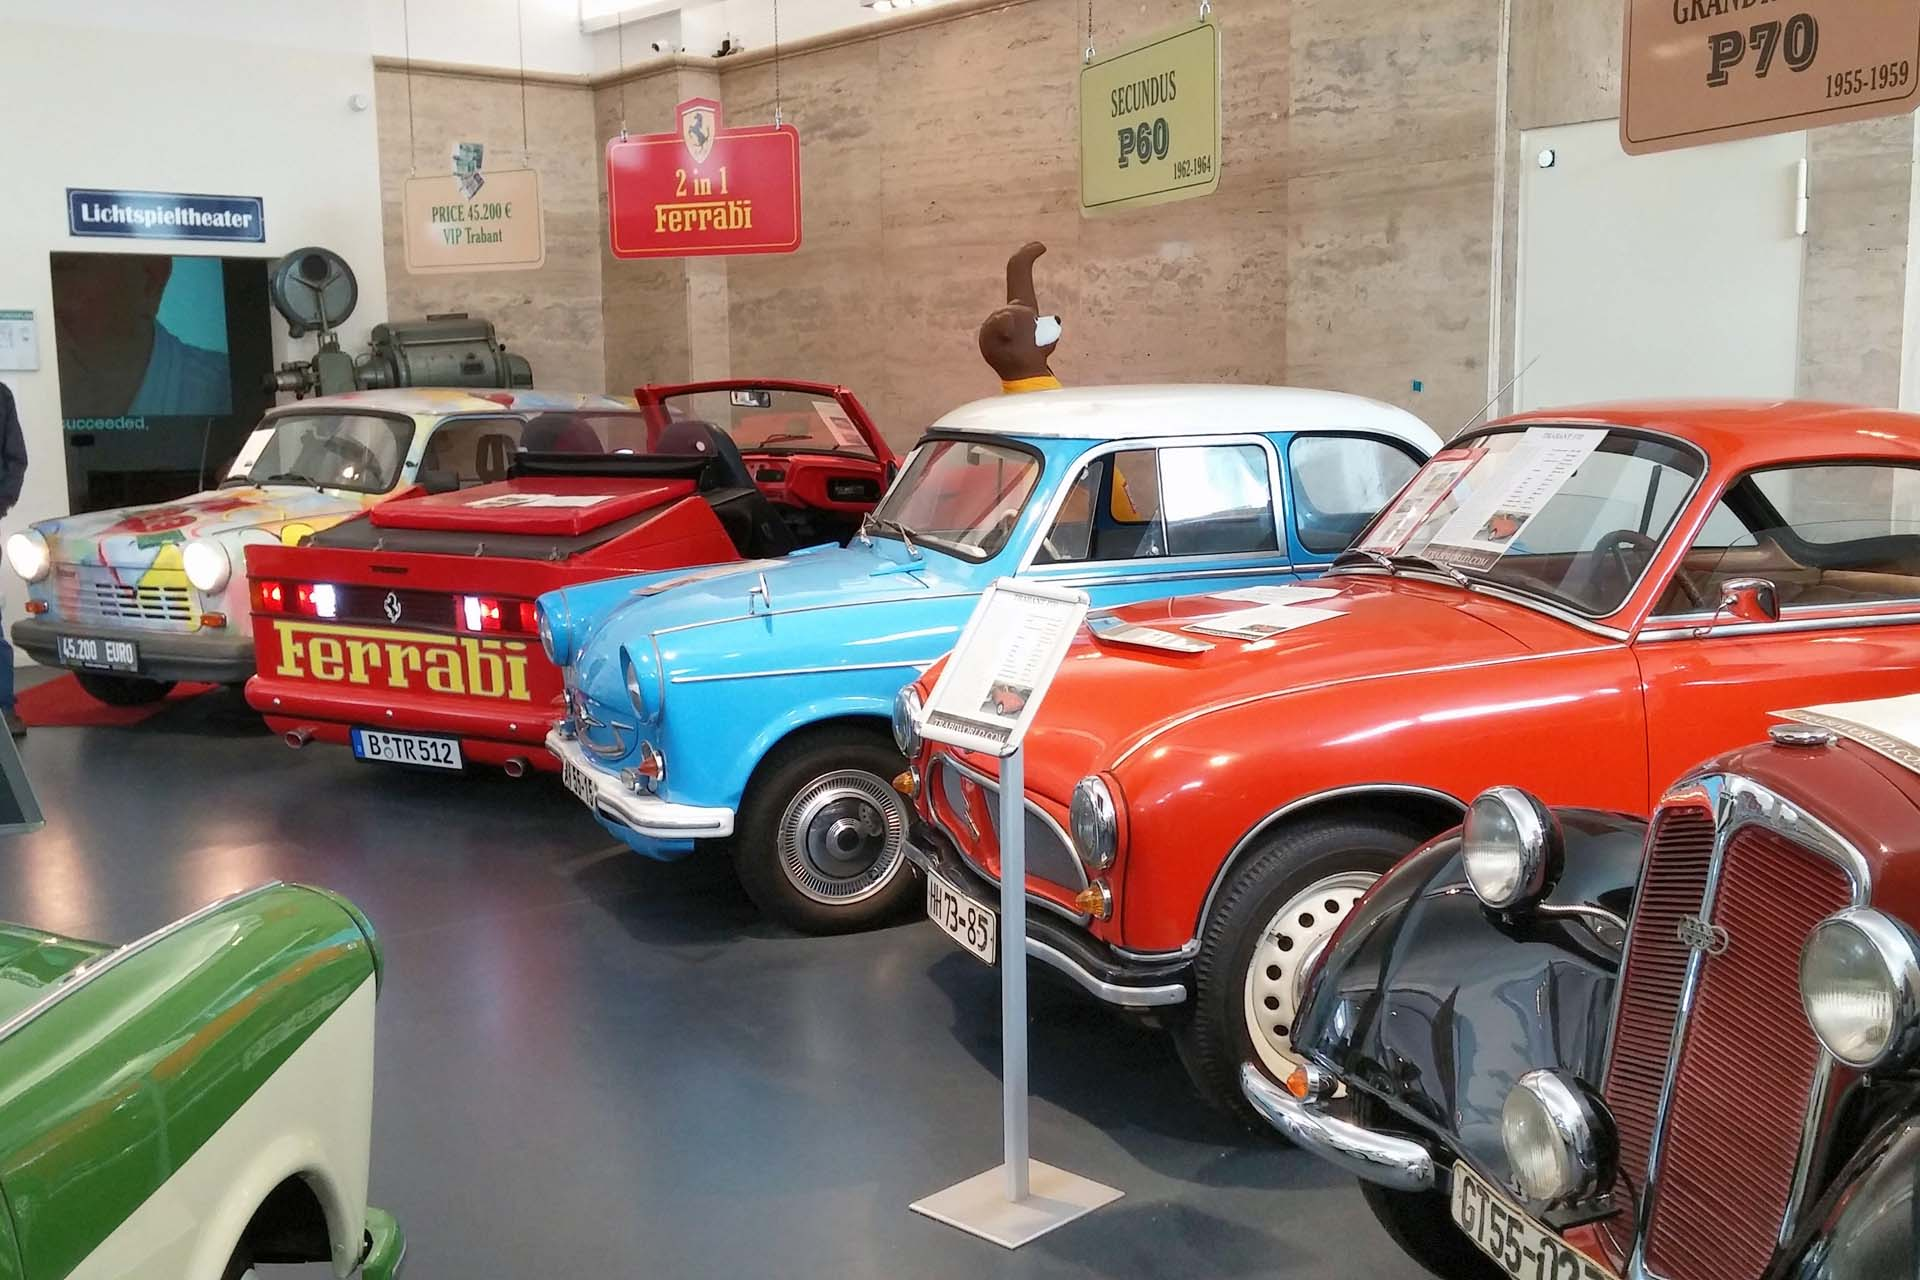 Berlin's Trabi Museum